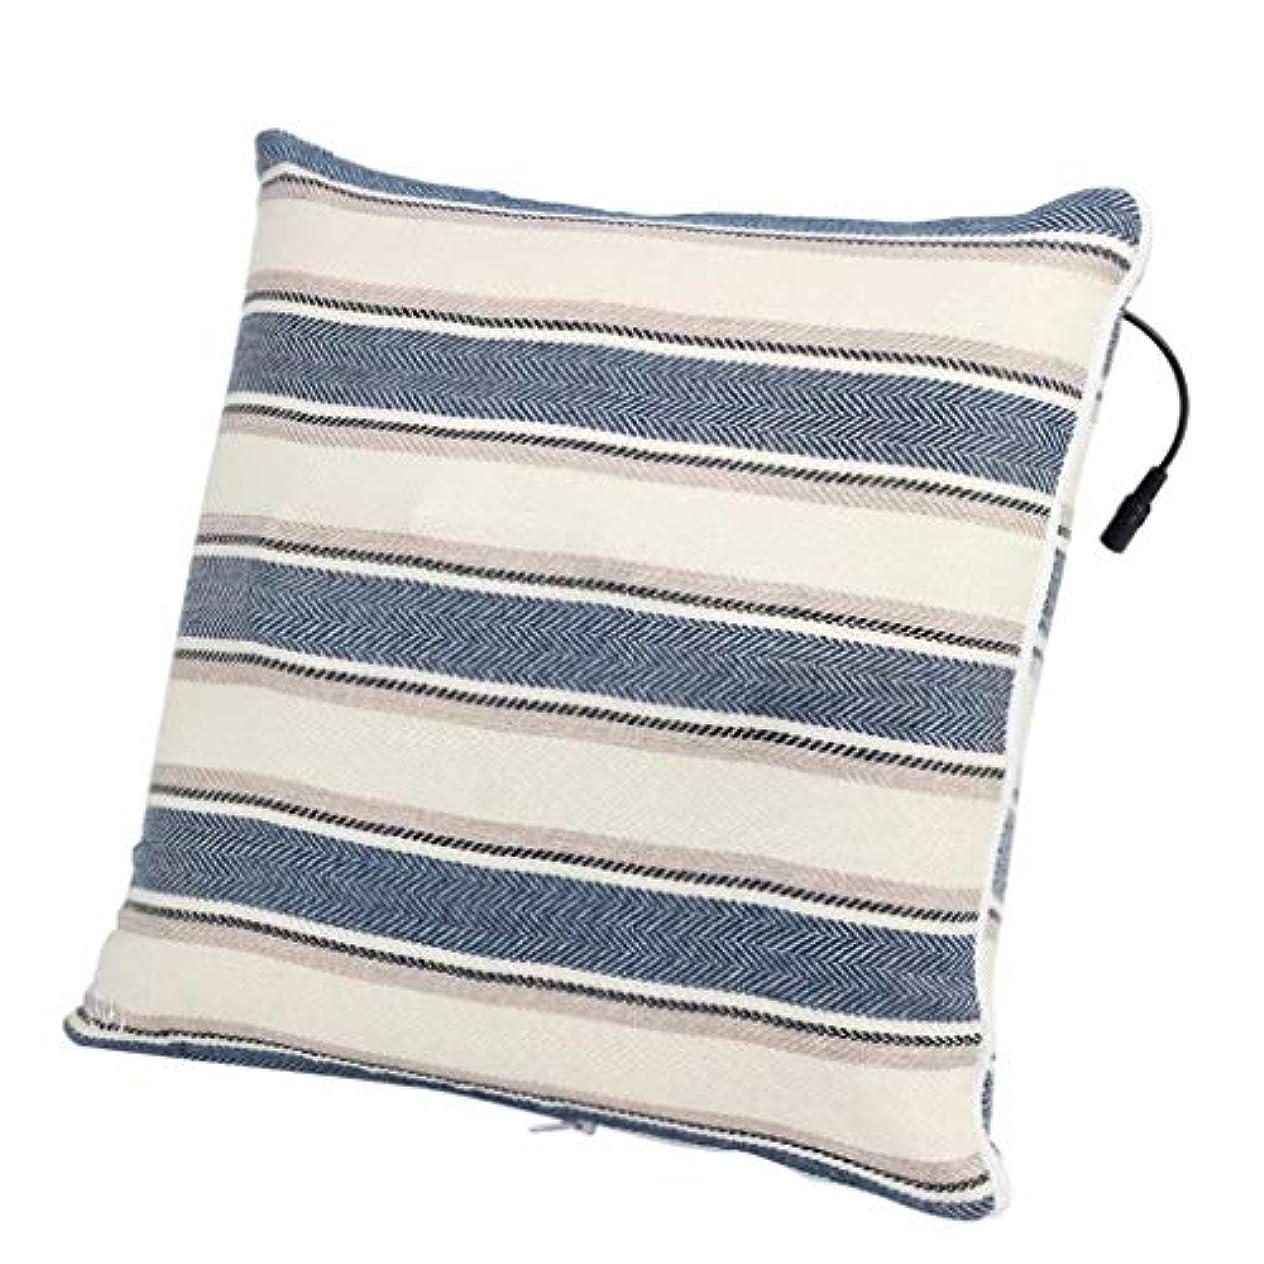 進むごめんなさいドーム電動マッサージ枕、背中、首、肩、足の3D指圧マッサージャーで筋肉をほぐし、痛みを和らげ、持ち運びが簡単